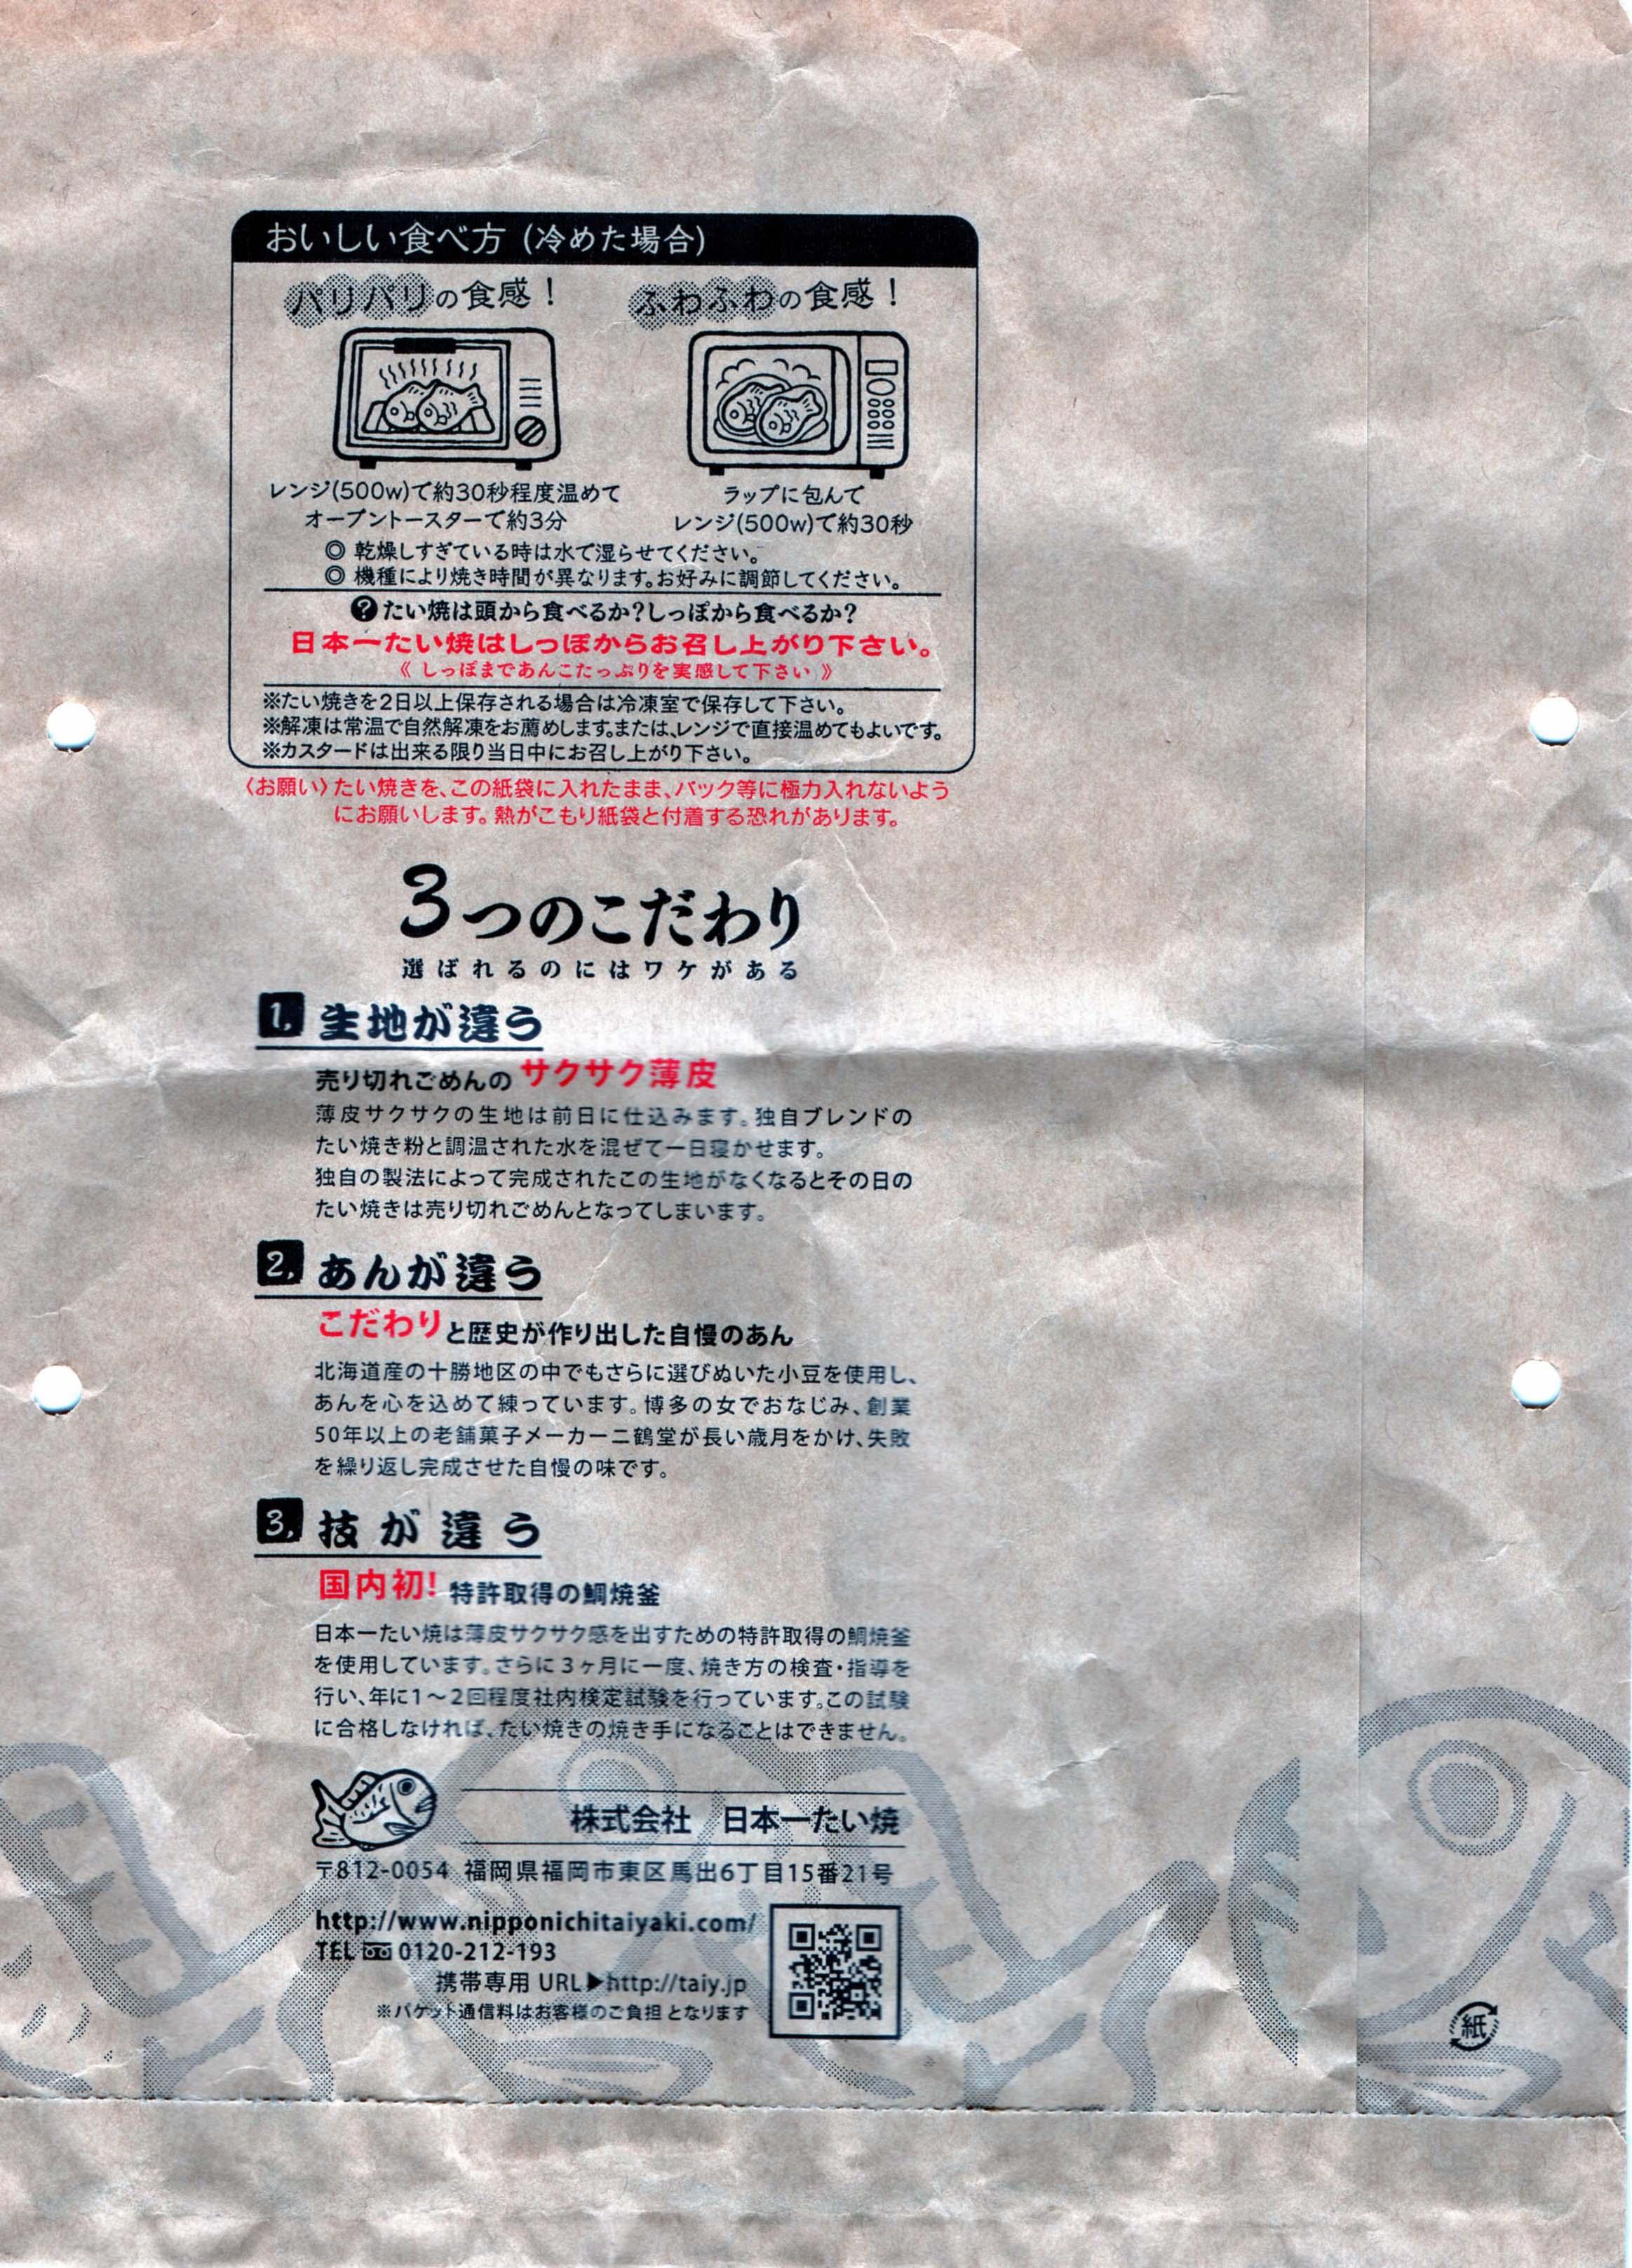 日本一たい焼き包装02